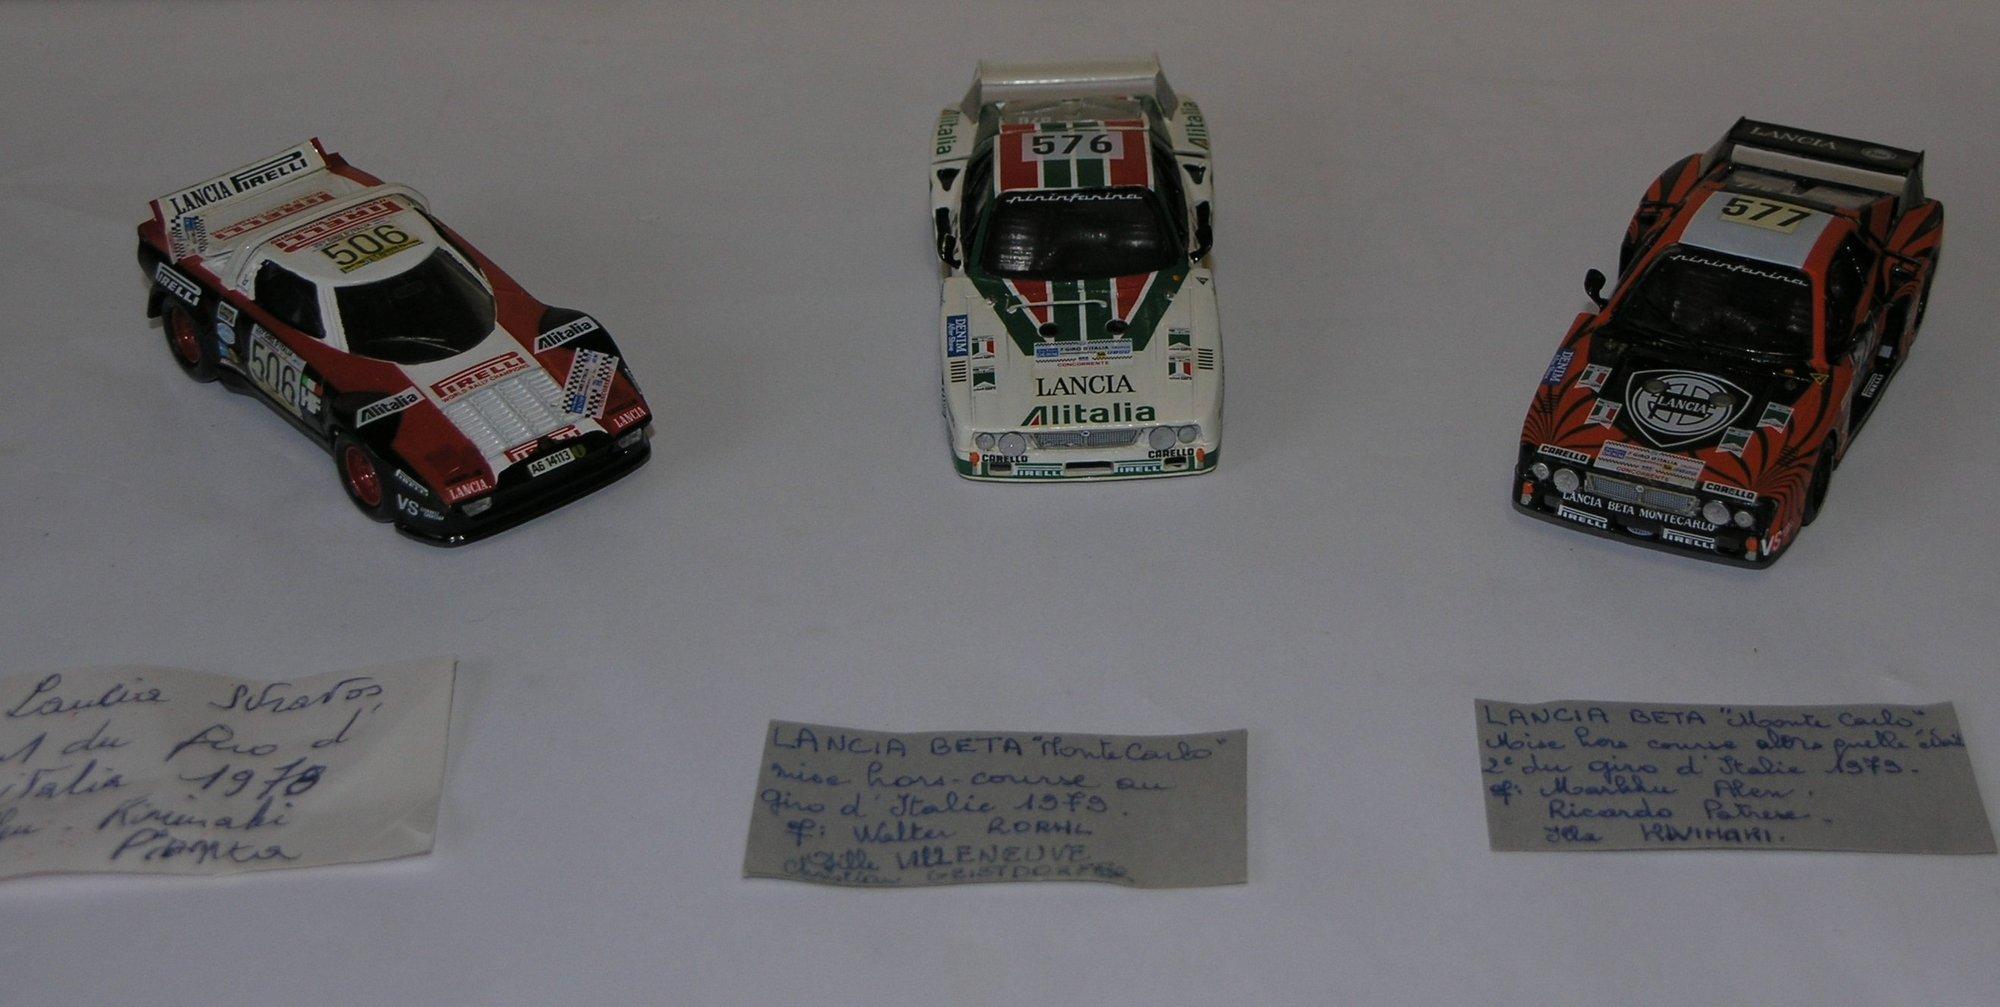 565411549_Lancia-Giro-dItalia.thumb.jpg.1ba5ac682b7a36d4a6b036f18e34ddbd.jpg